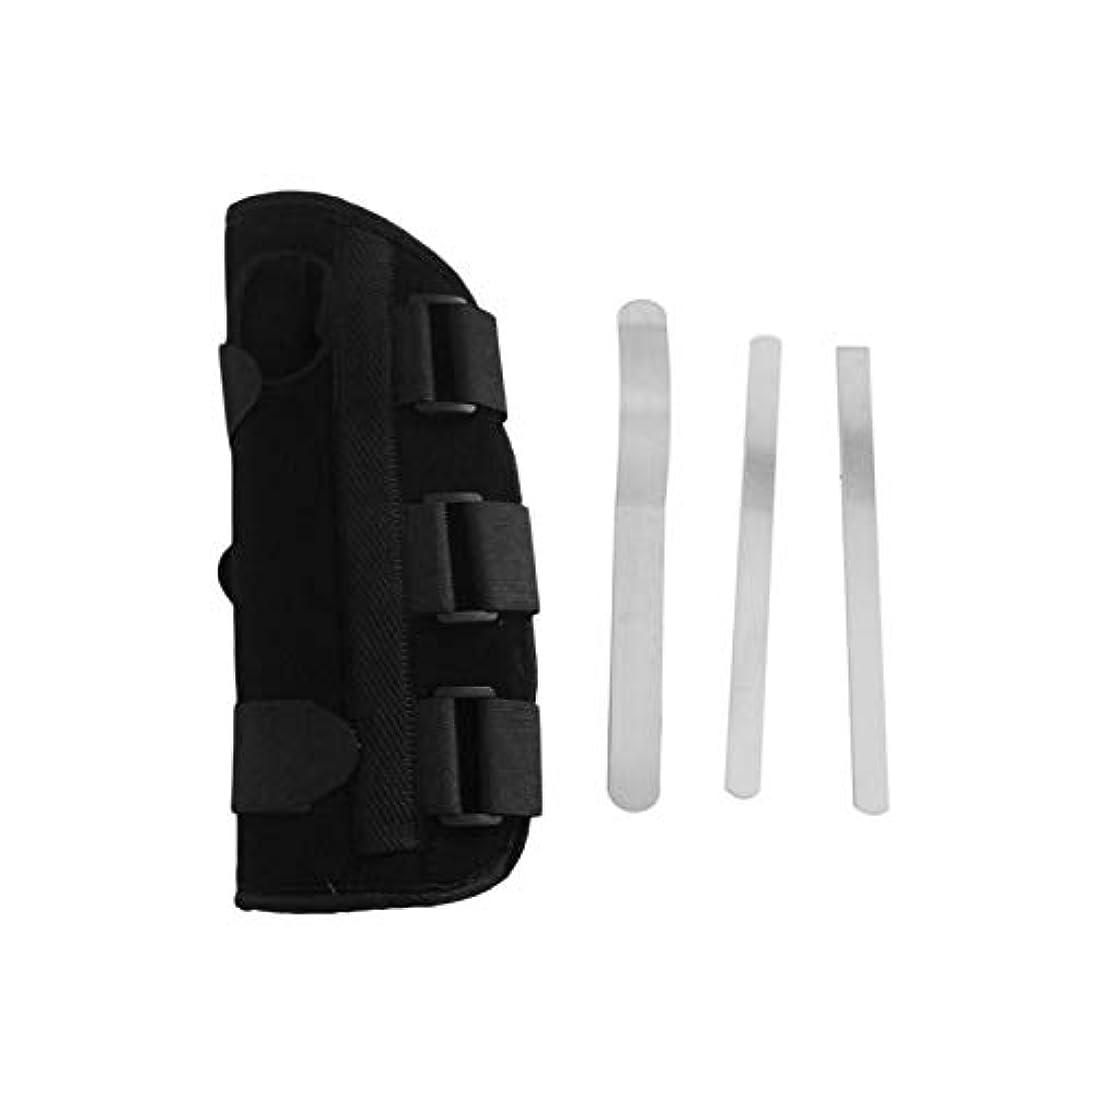 アイデアパントリー大声で手首副木ブレース保護サポートストラップカルペルトンネルCTS RSI痛み軽減取り外し可能な副木快適な軽量ストラップ - ブラックS